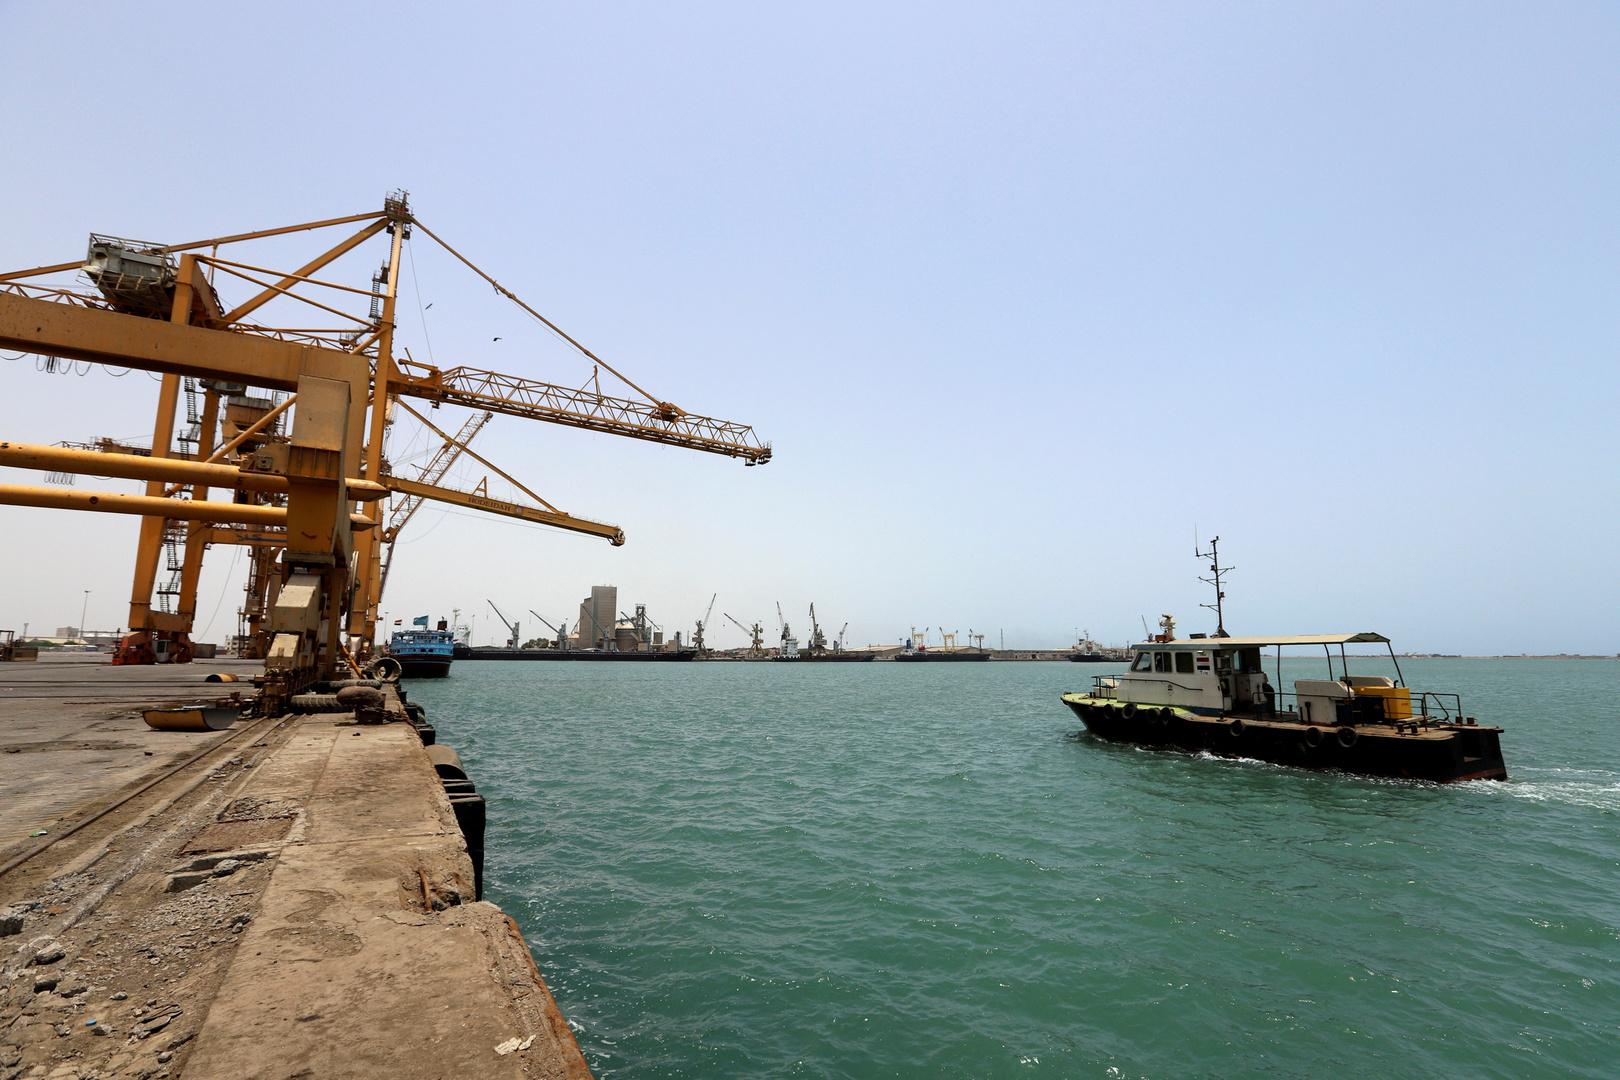 التحالف العربي يعلن إحباط هجوم جديد من الحوثيين في البحر الأحمر